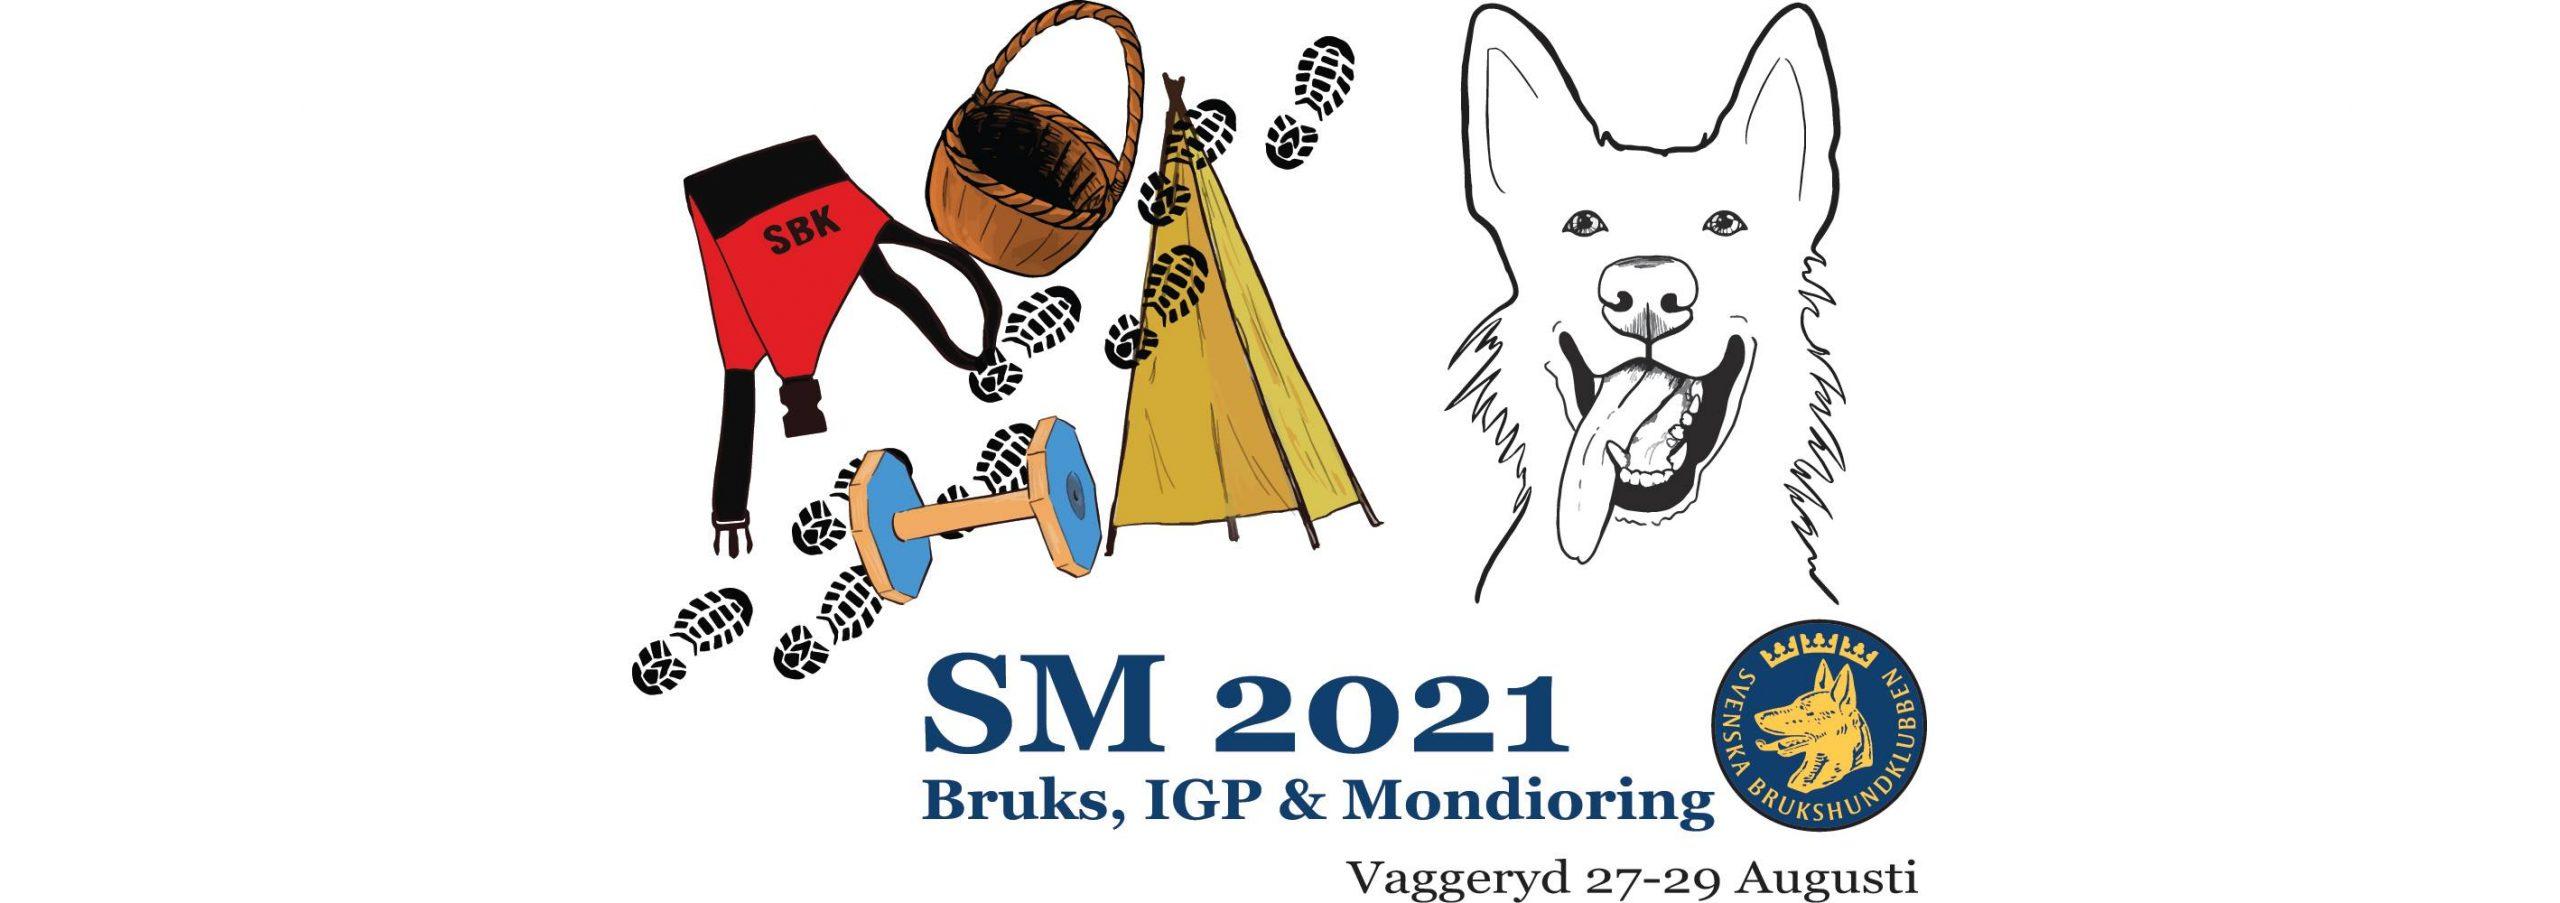 SMBruks2021